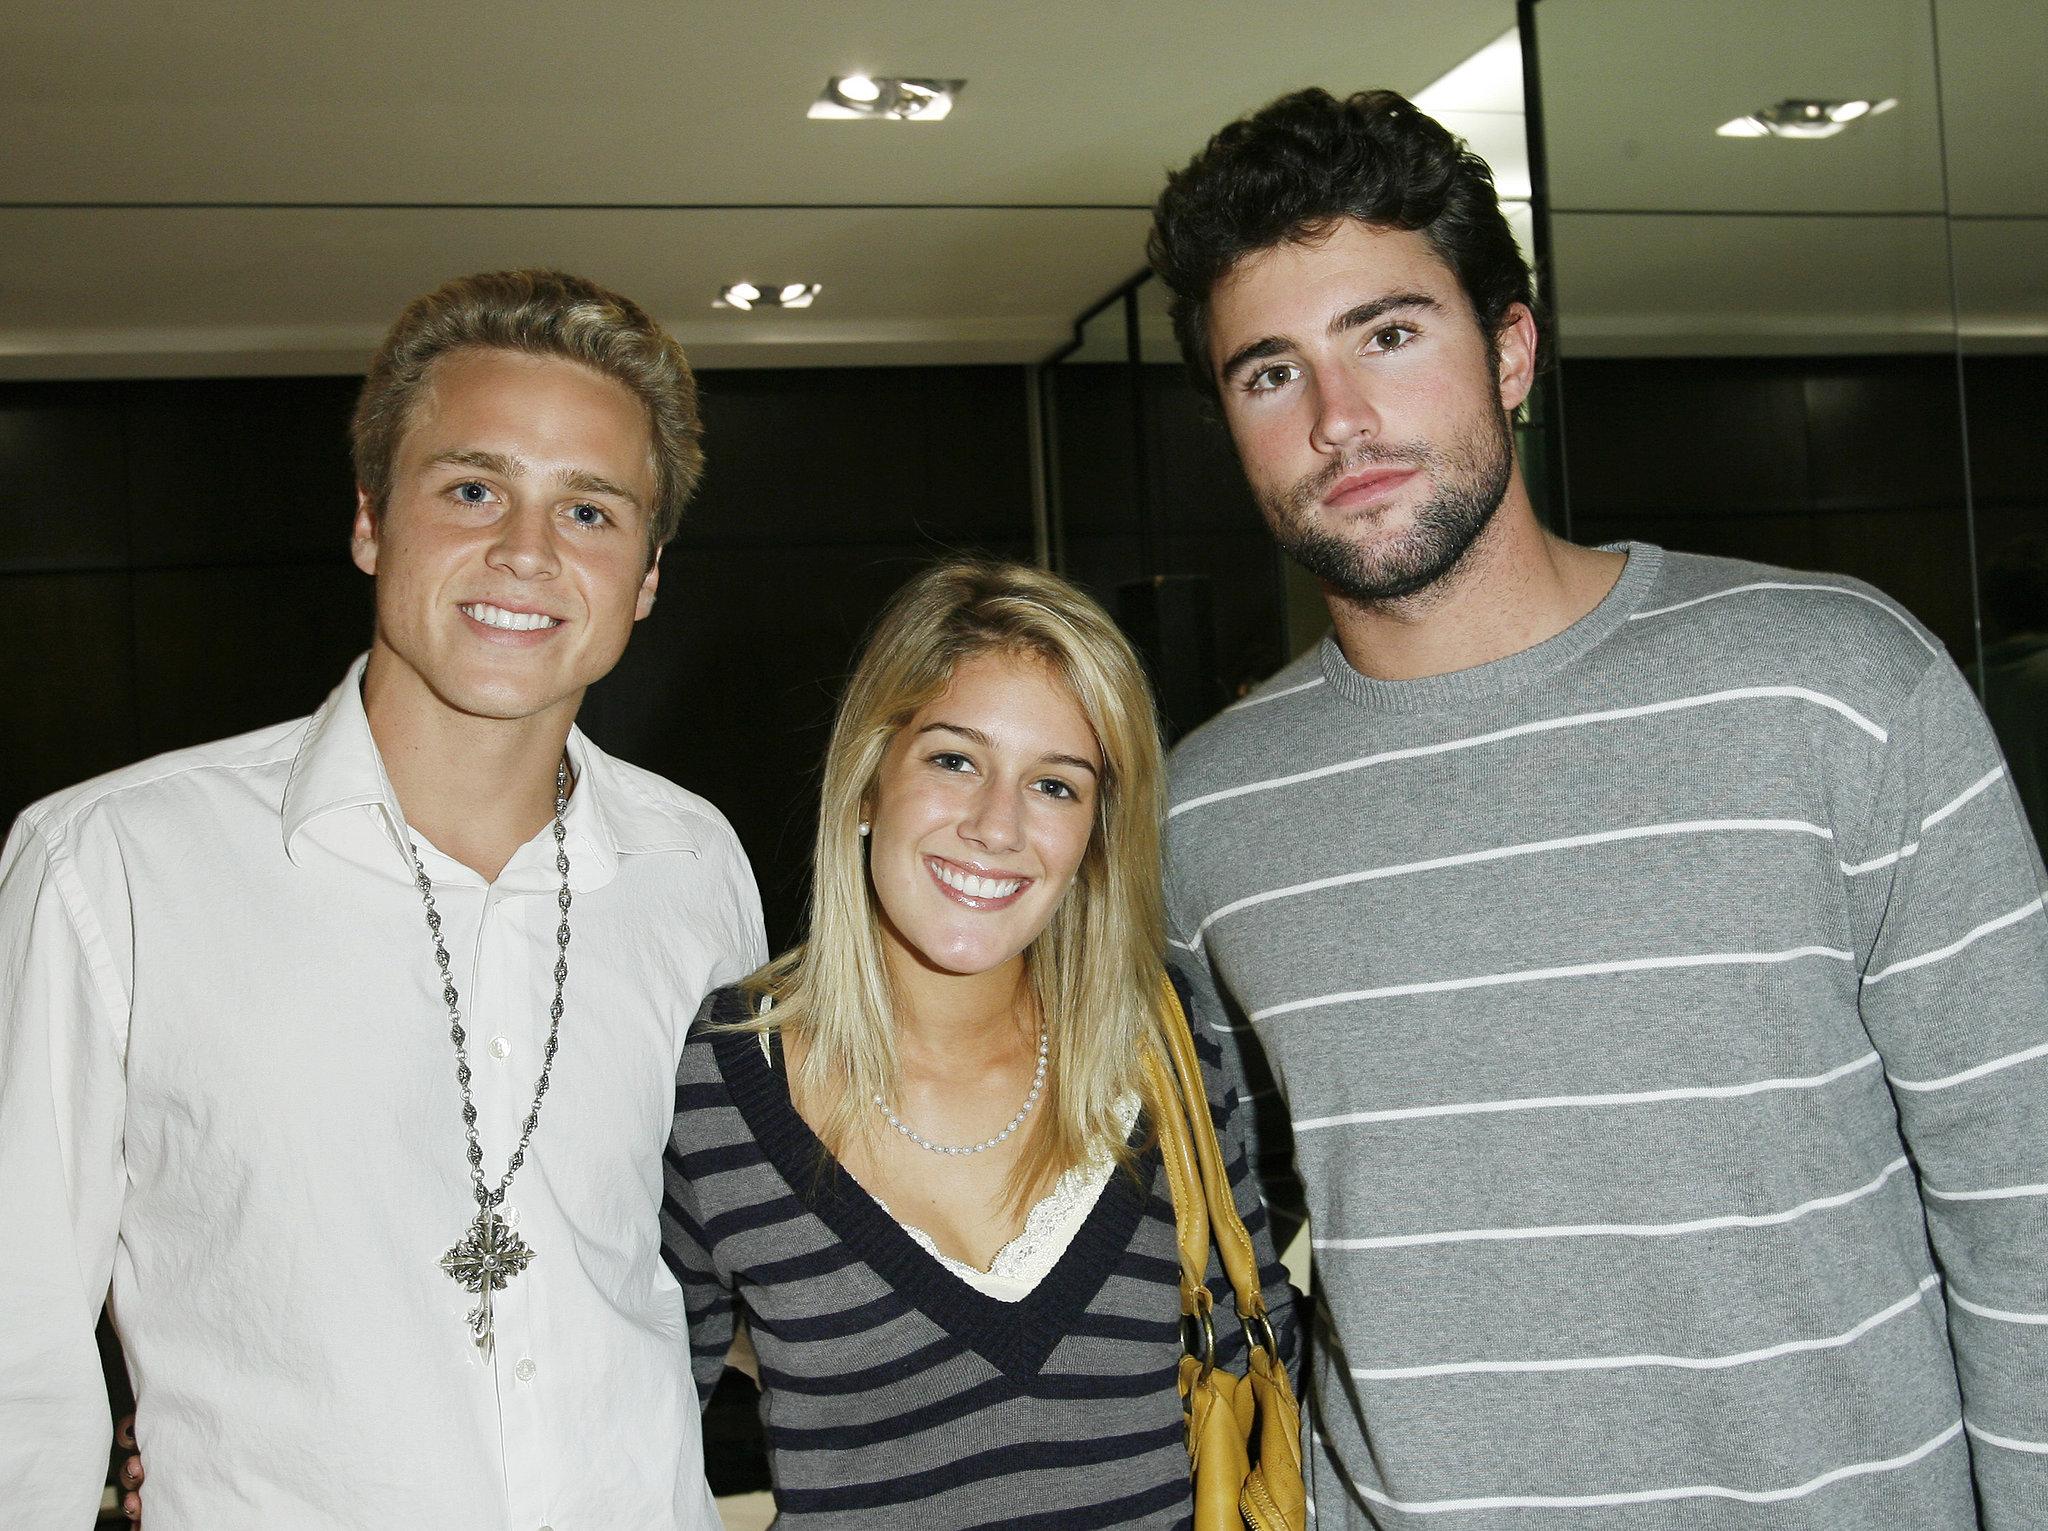 Spencer Pratt and Brody Jenner met up with Heidi Montag in LA in November 2006.